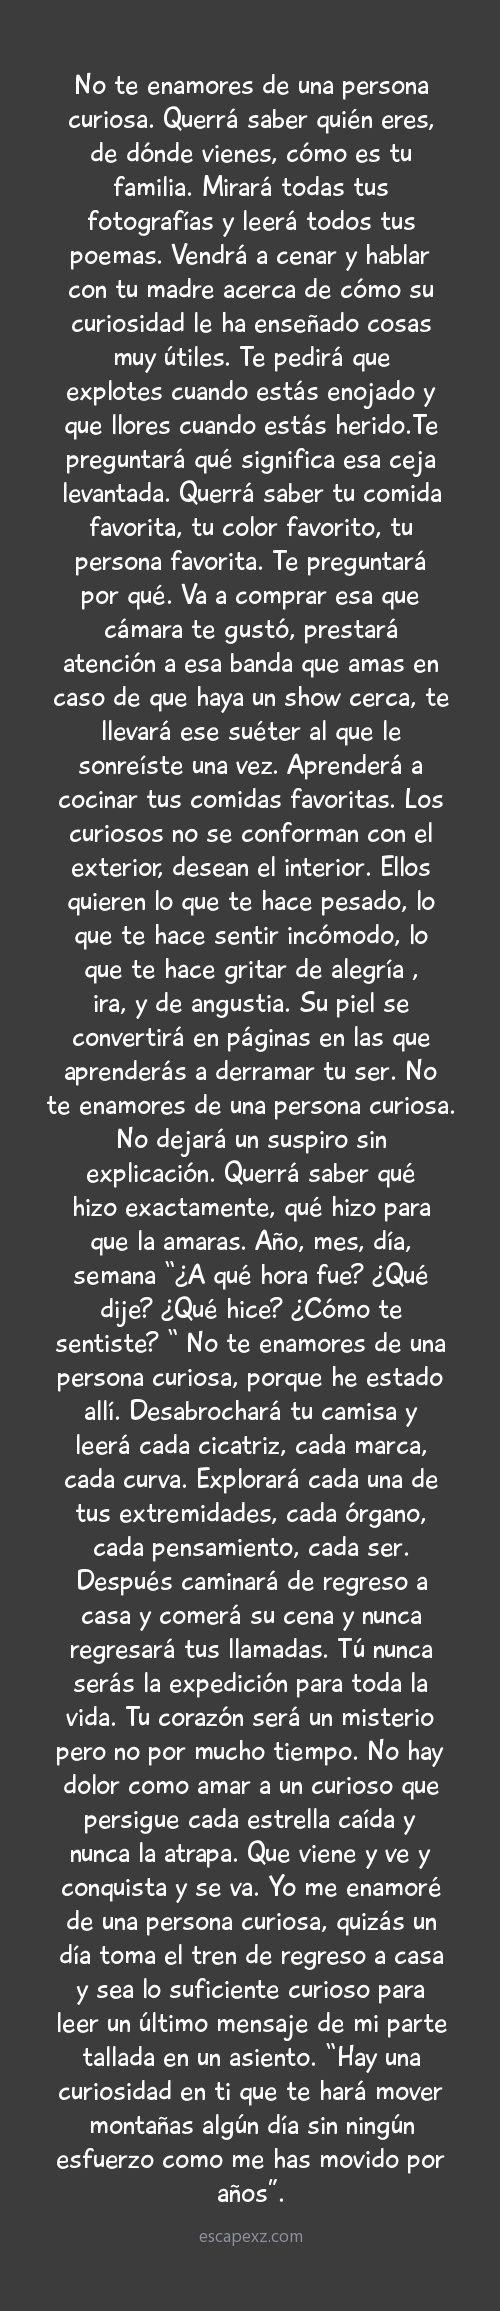 No te enamores de una persona curiosa...